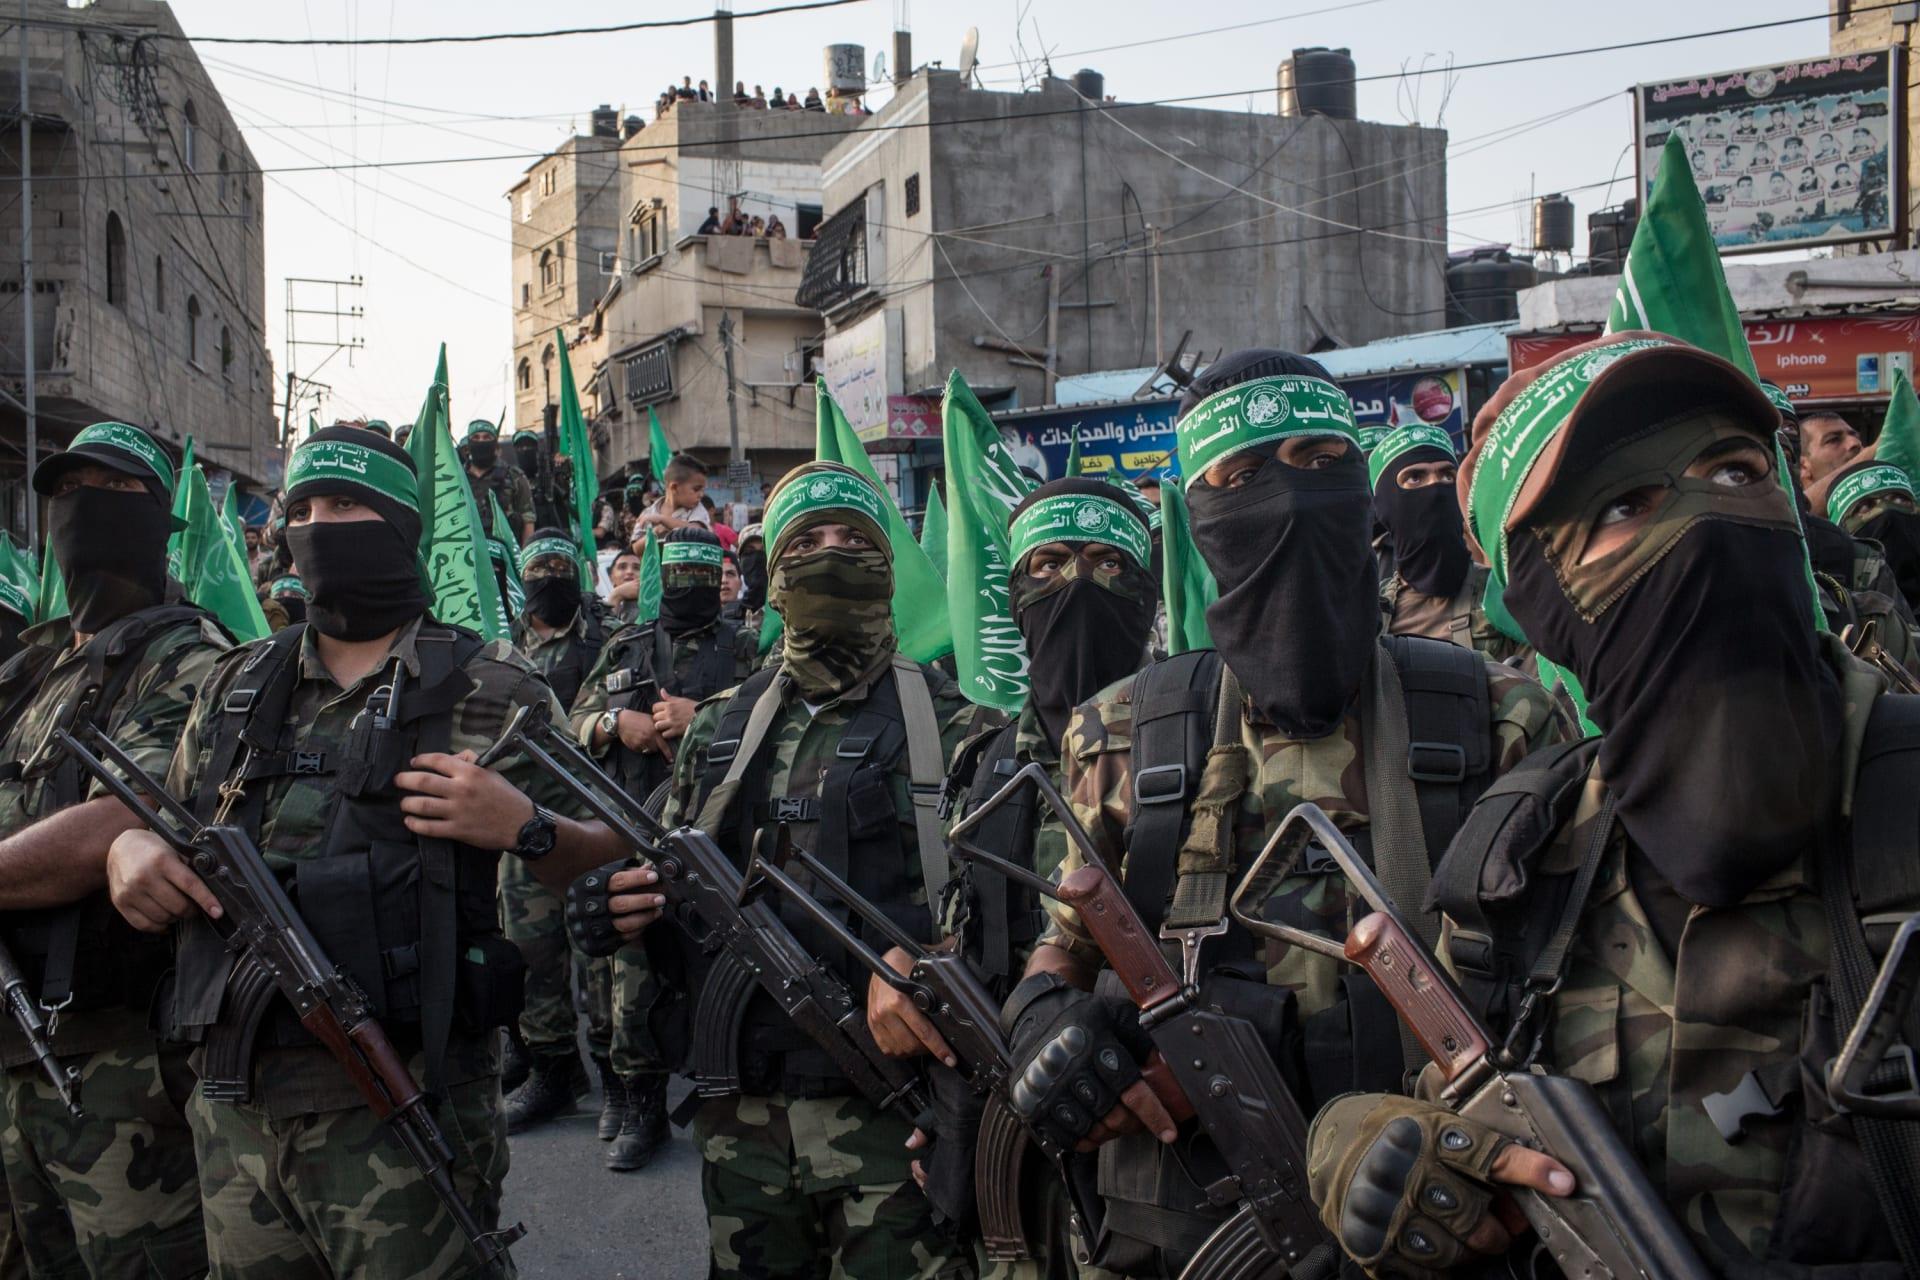 حماس تعلن مقتل 3 من عناصرها في قصف إسرائيلي